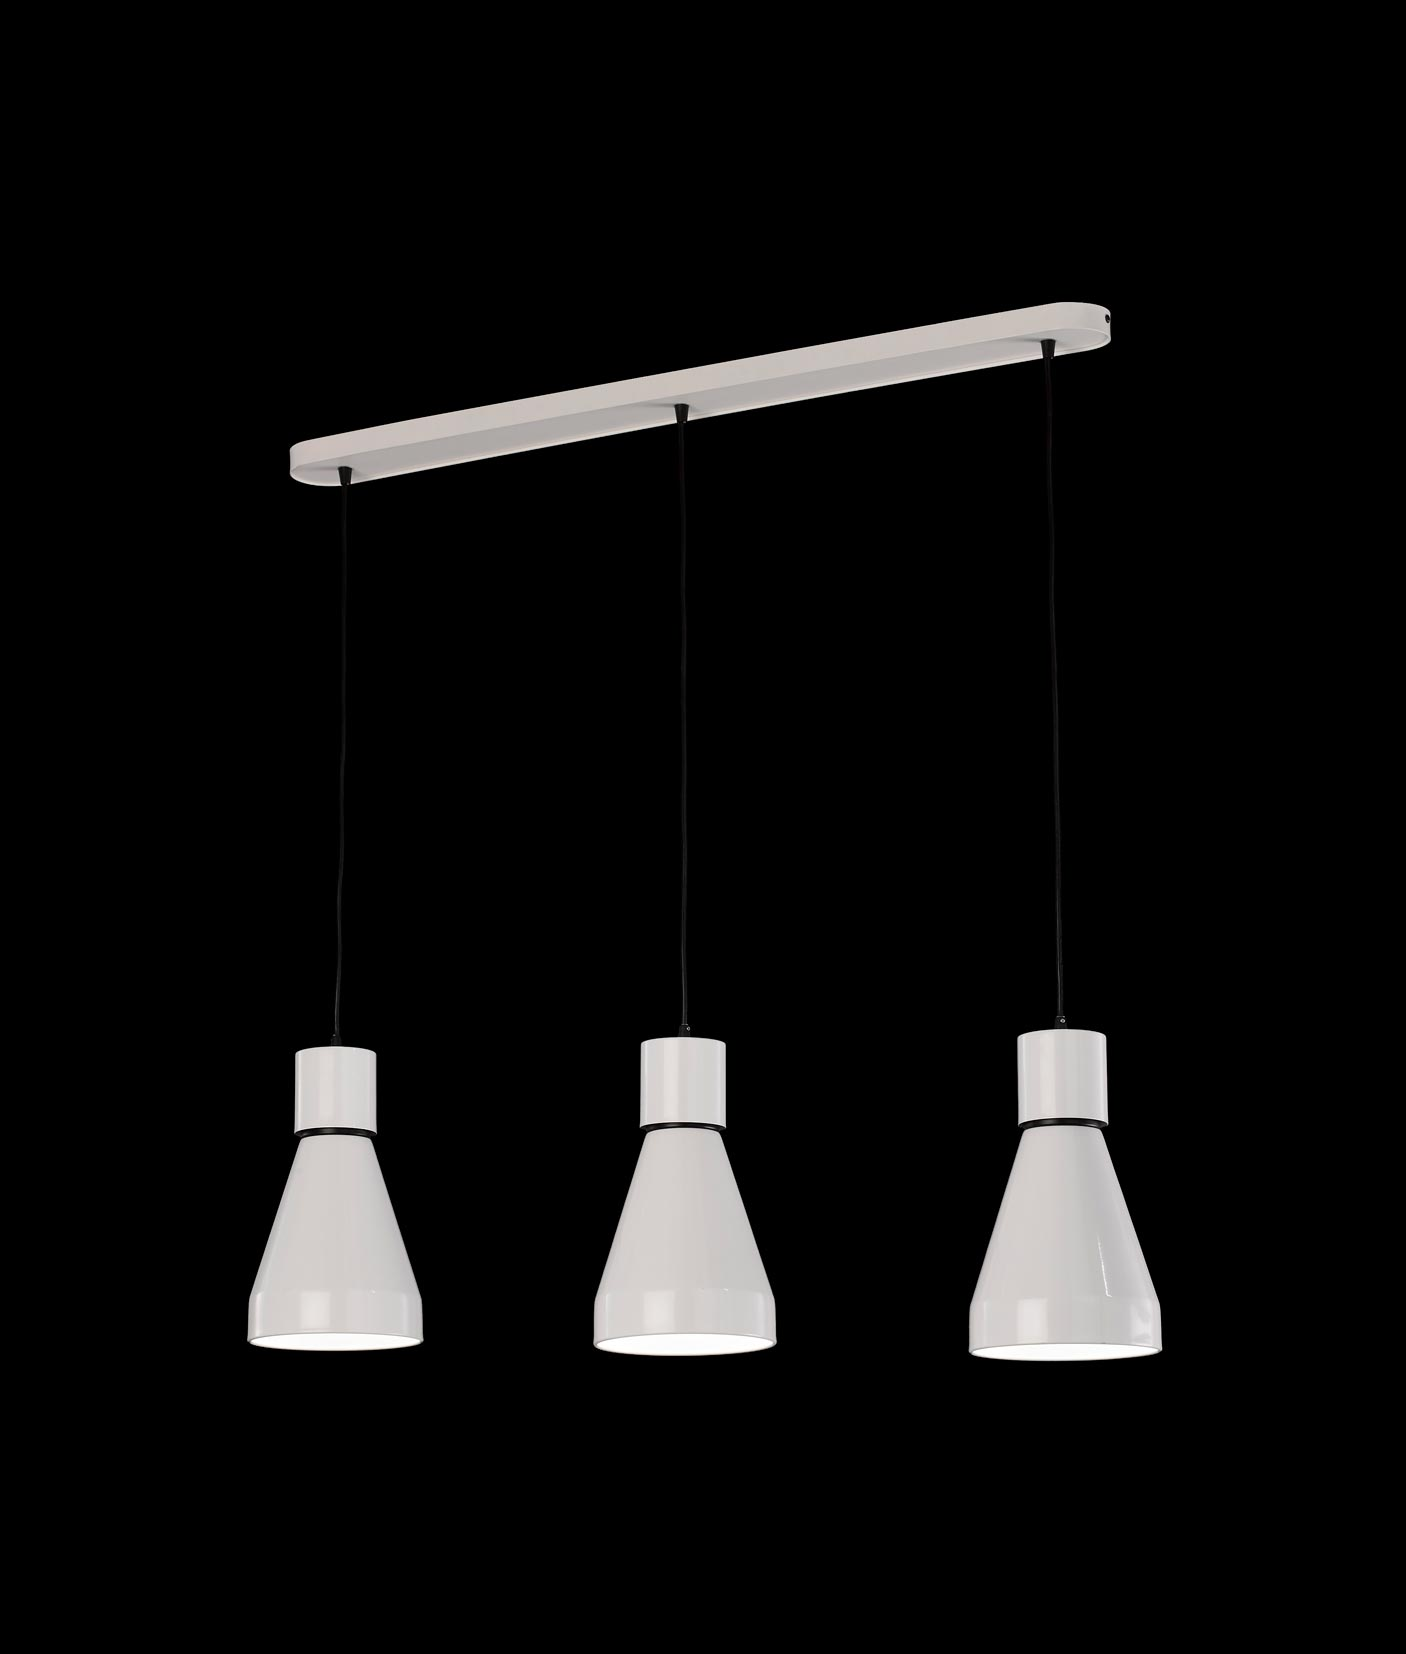 Iluminación lineal colgante 3 luces KOS detalle